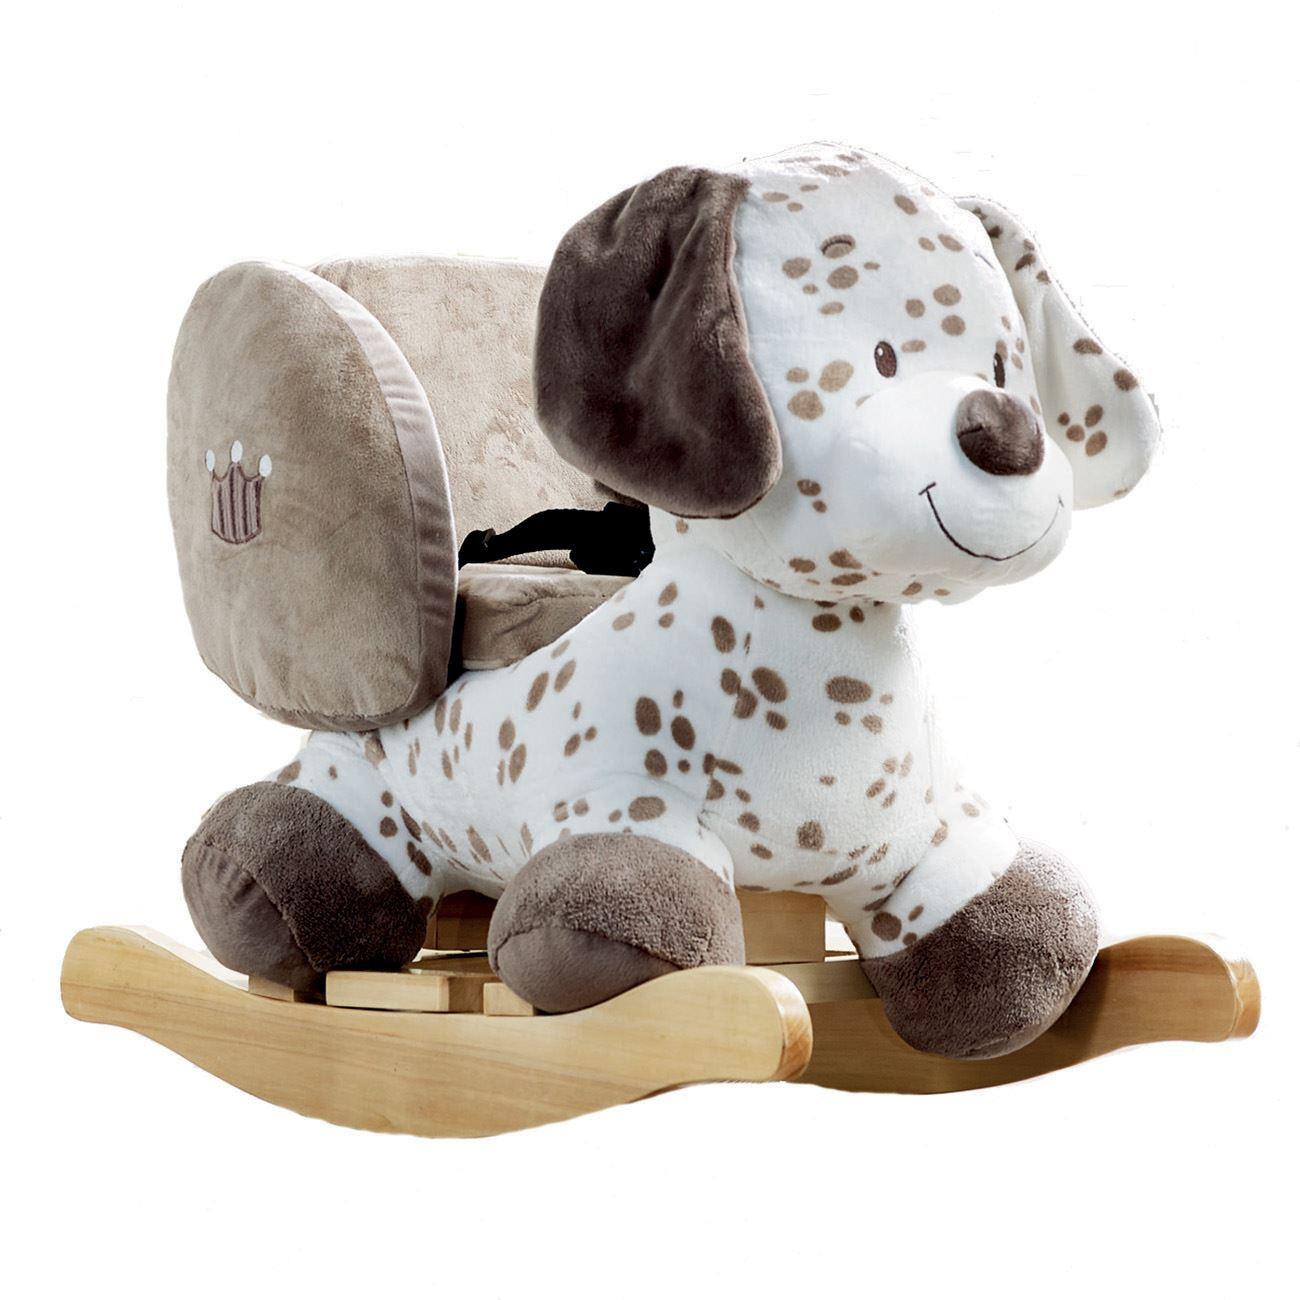 nattou animal rocker 10 36 months toddler ride on rocking. Black Bedroom Furniture Sets. Home Design Ideas